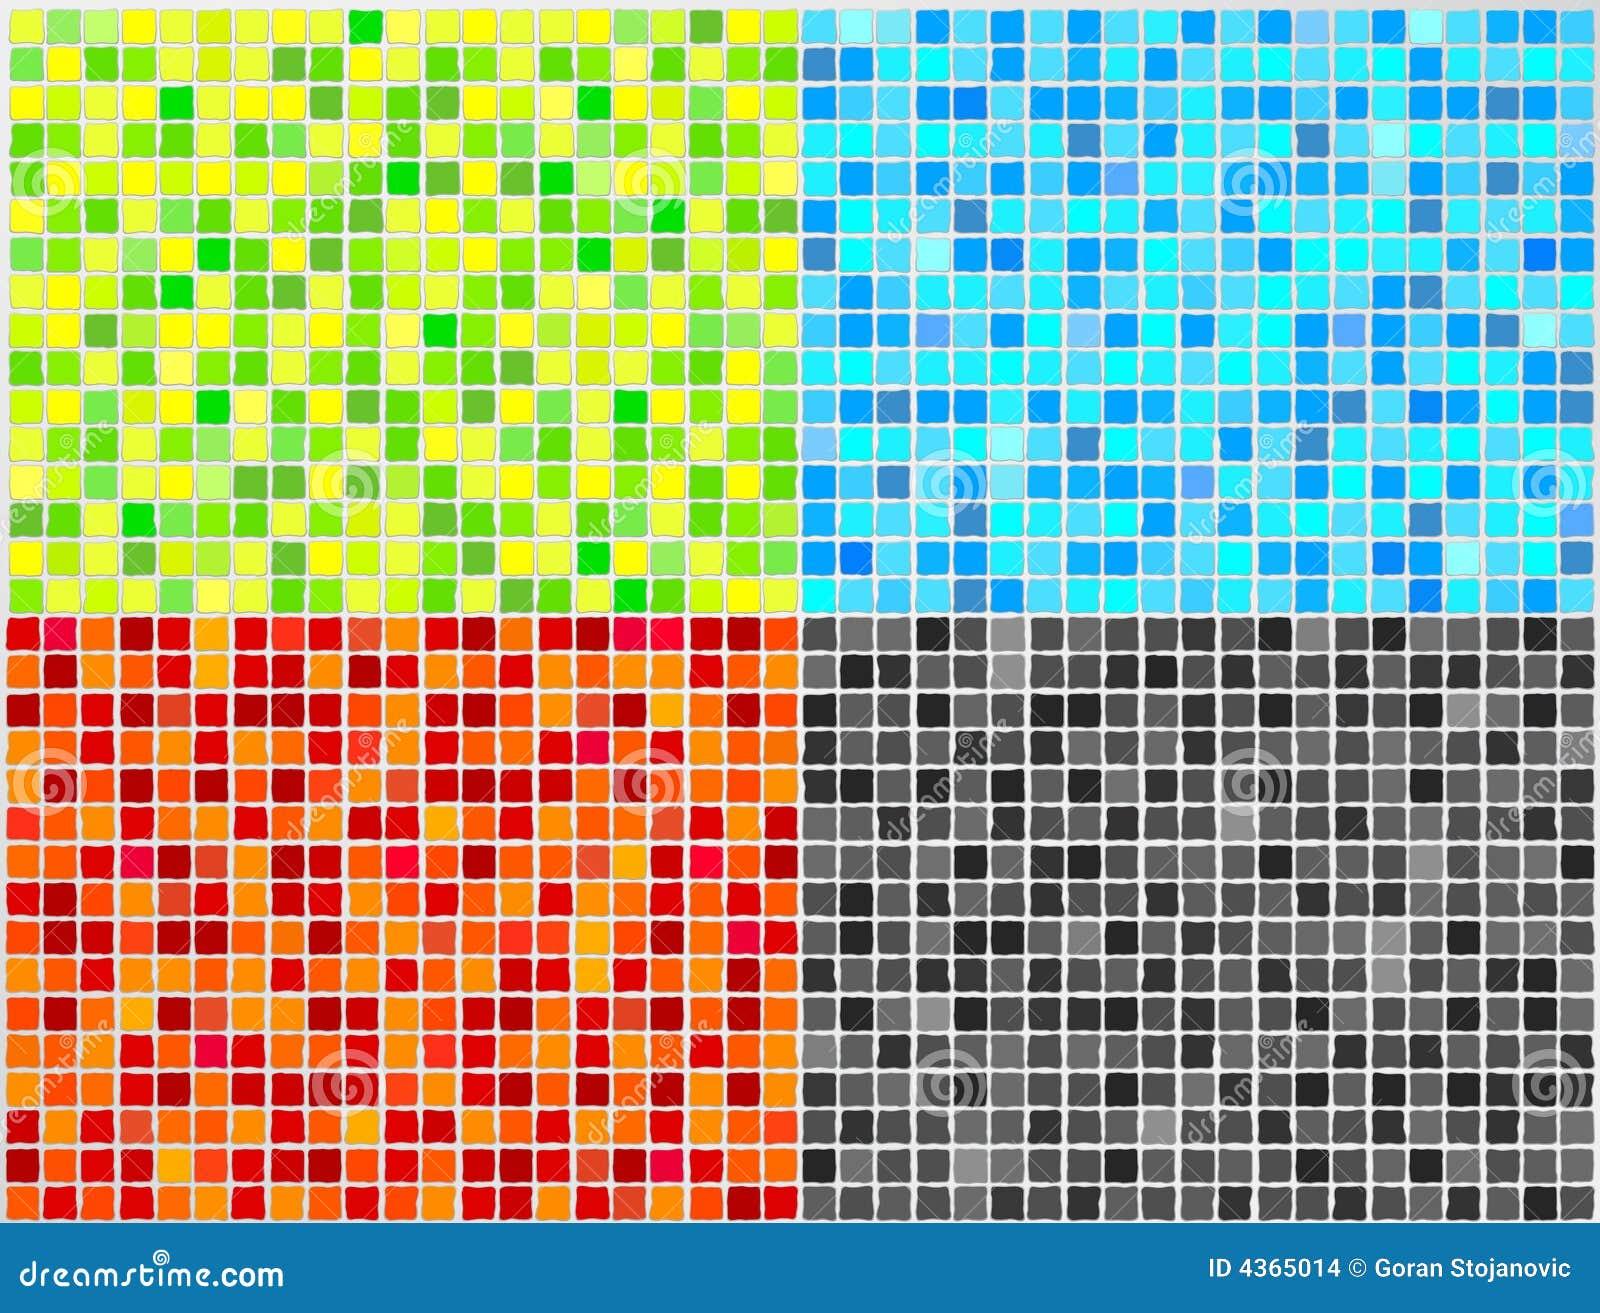 Azulejo de mosaico del vector 4 colores imagenes de archivo imagen 4365014 - Mosaico de colores ...